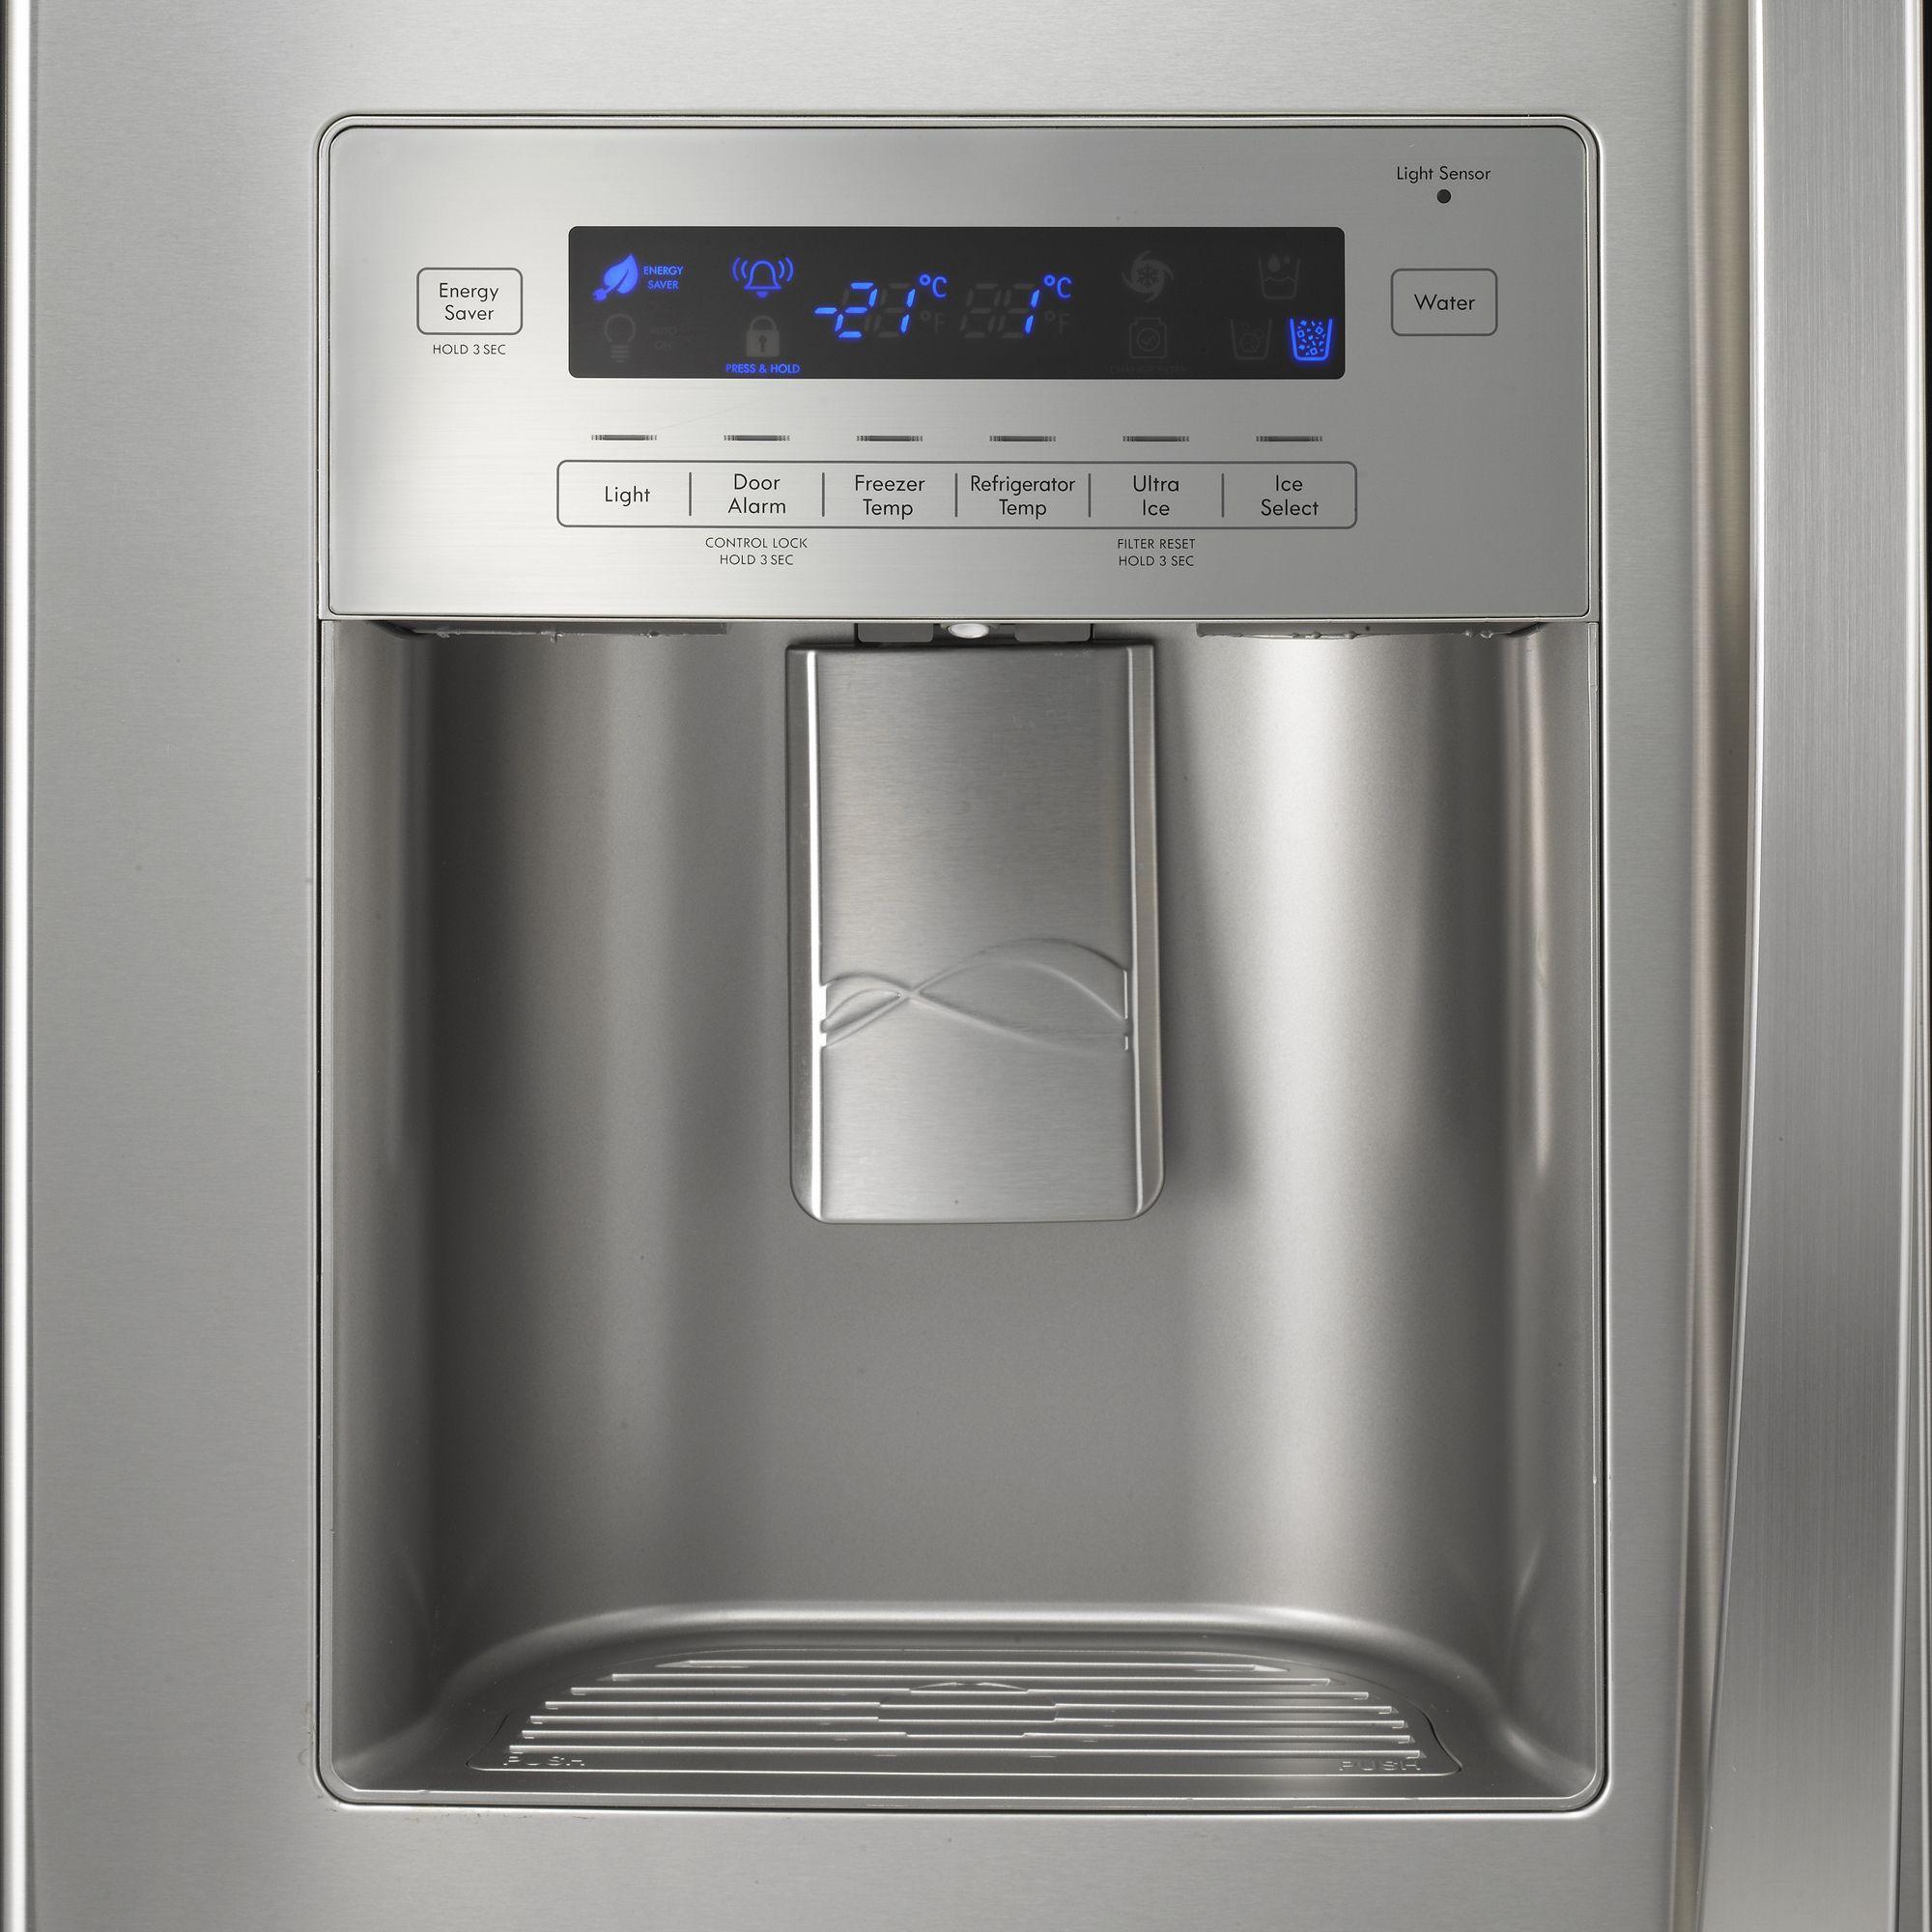 Kenmore Elite 25.0 cu. ft. French-Door Bottom-Freezer Refrigerator - Stainless Steel